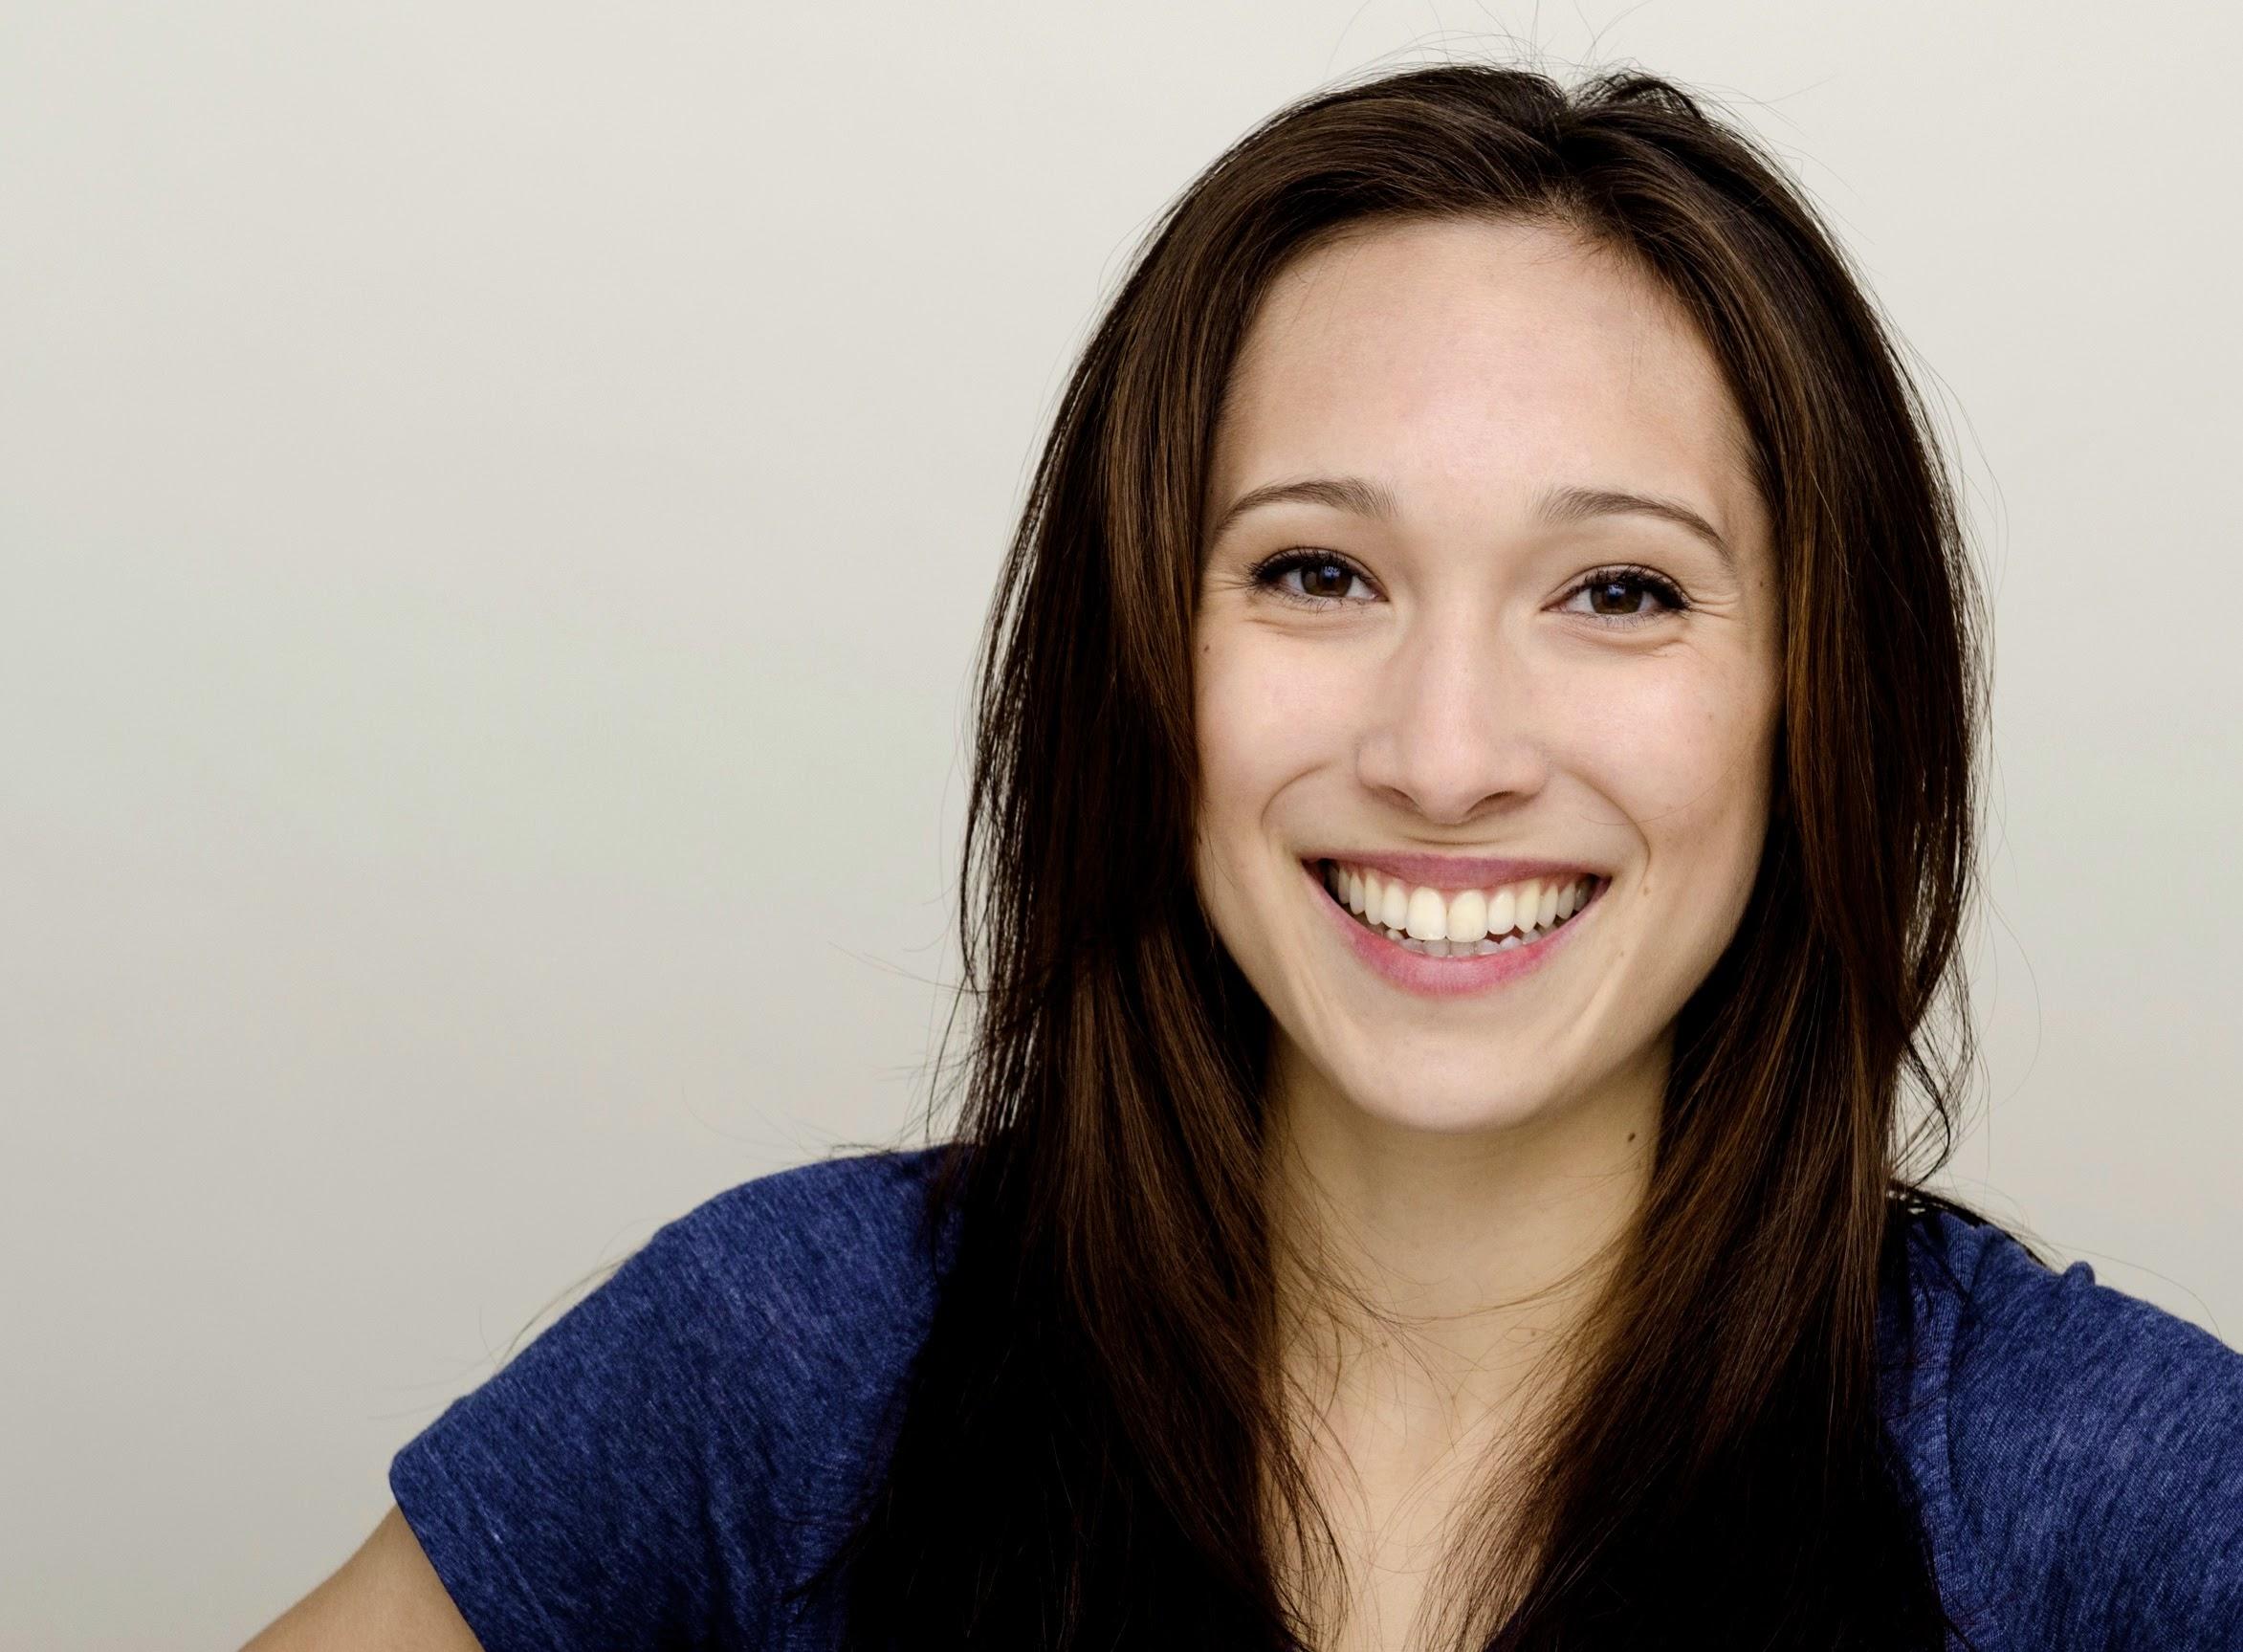 Megan Lozicki